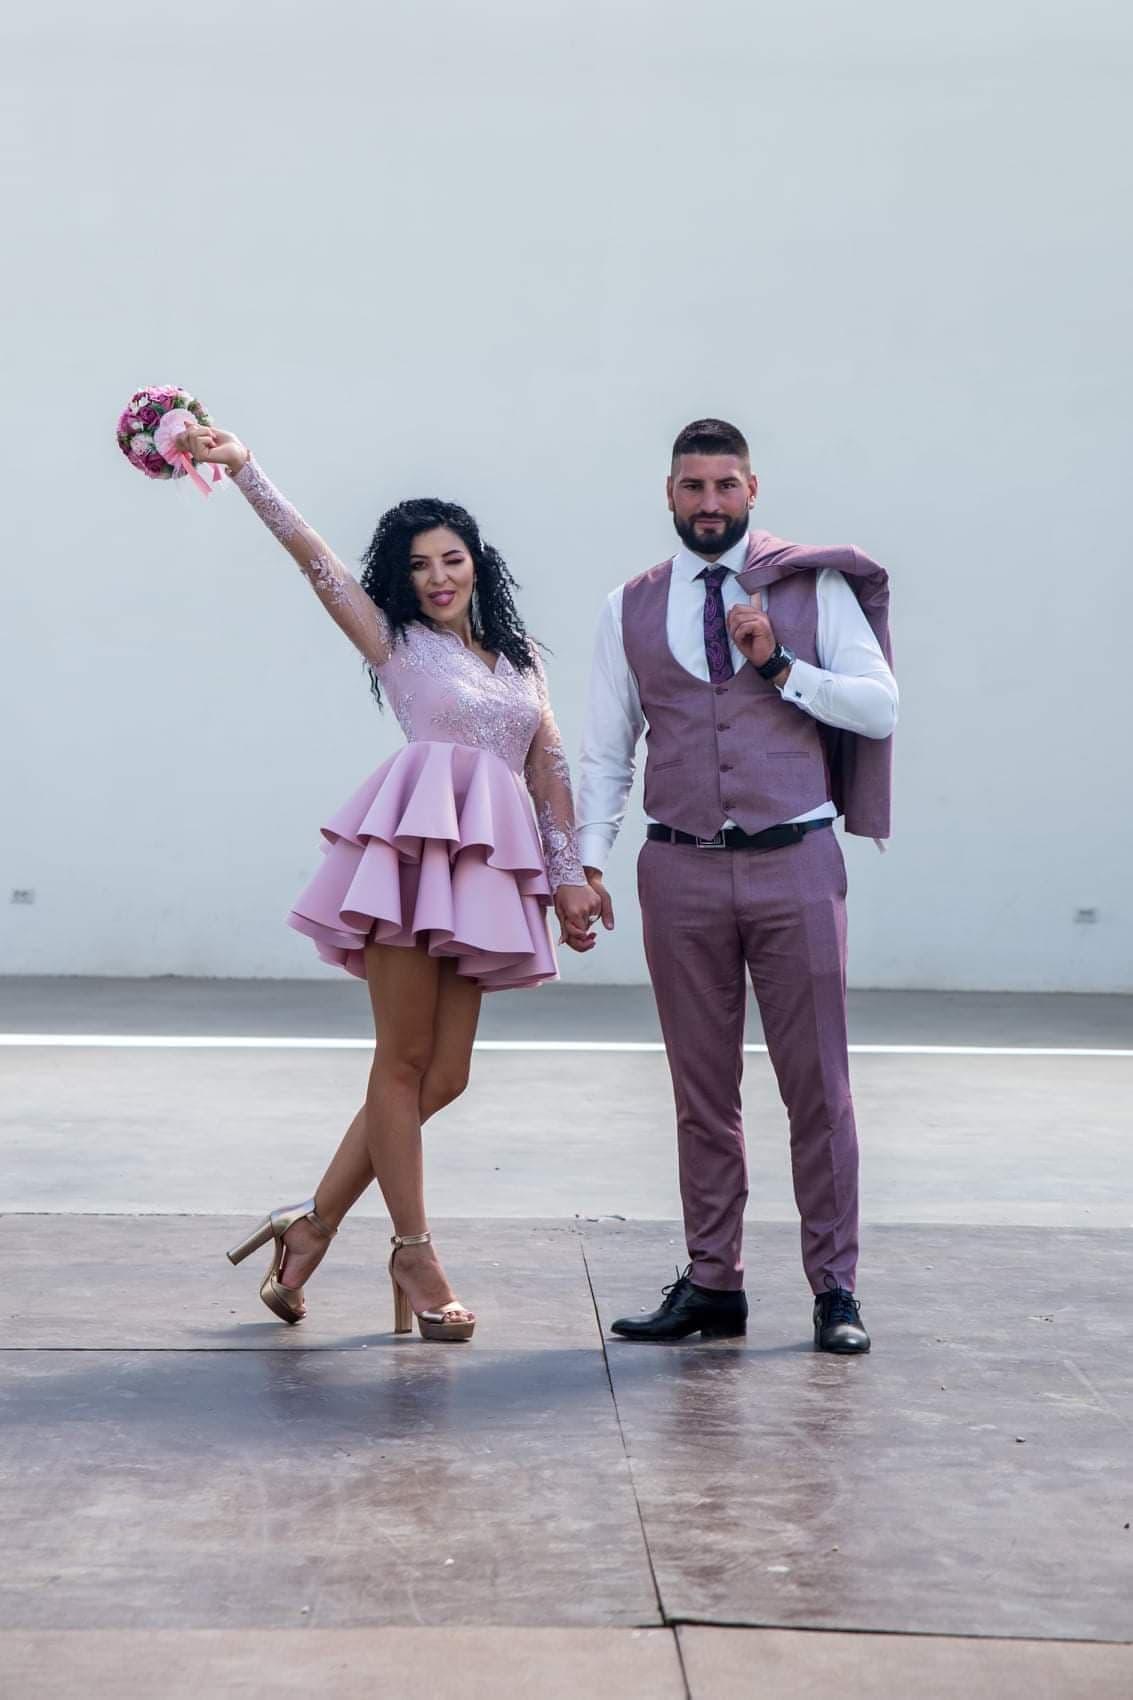 Rochie pentru cununia civila roz pudrat.